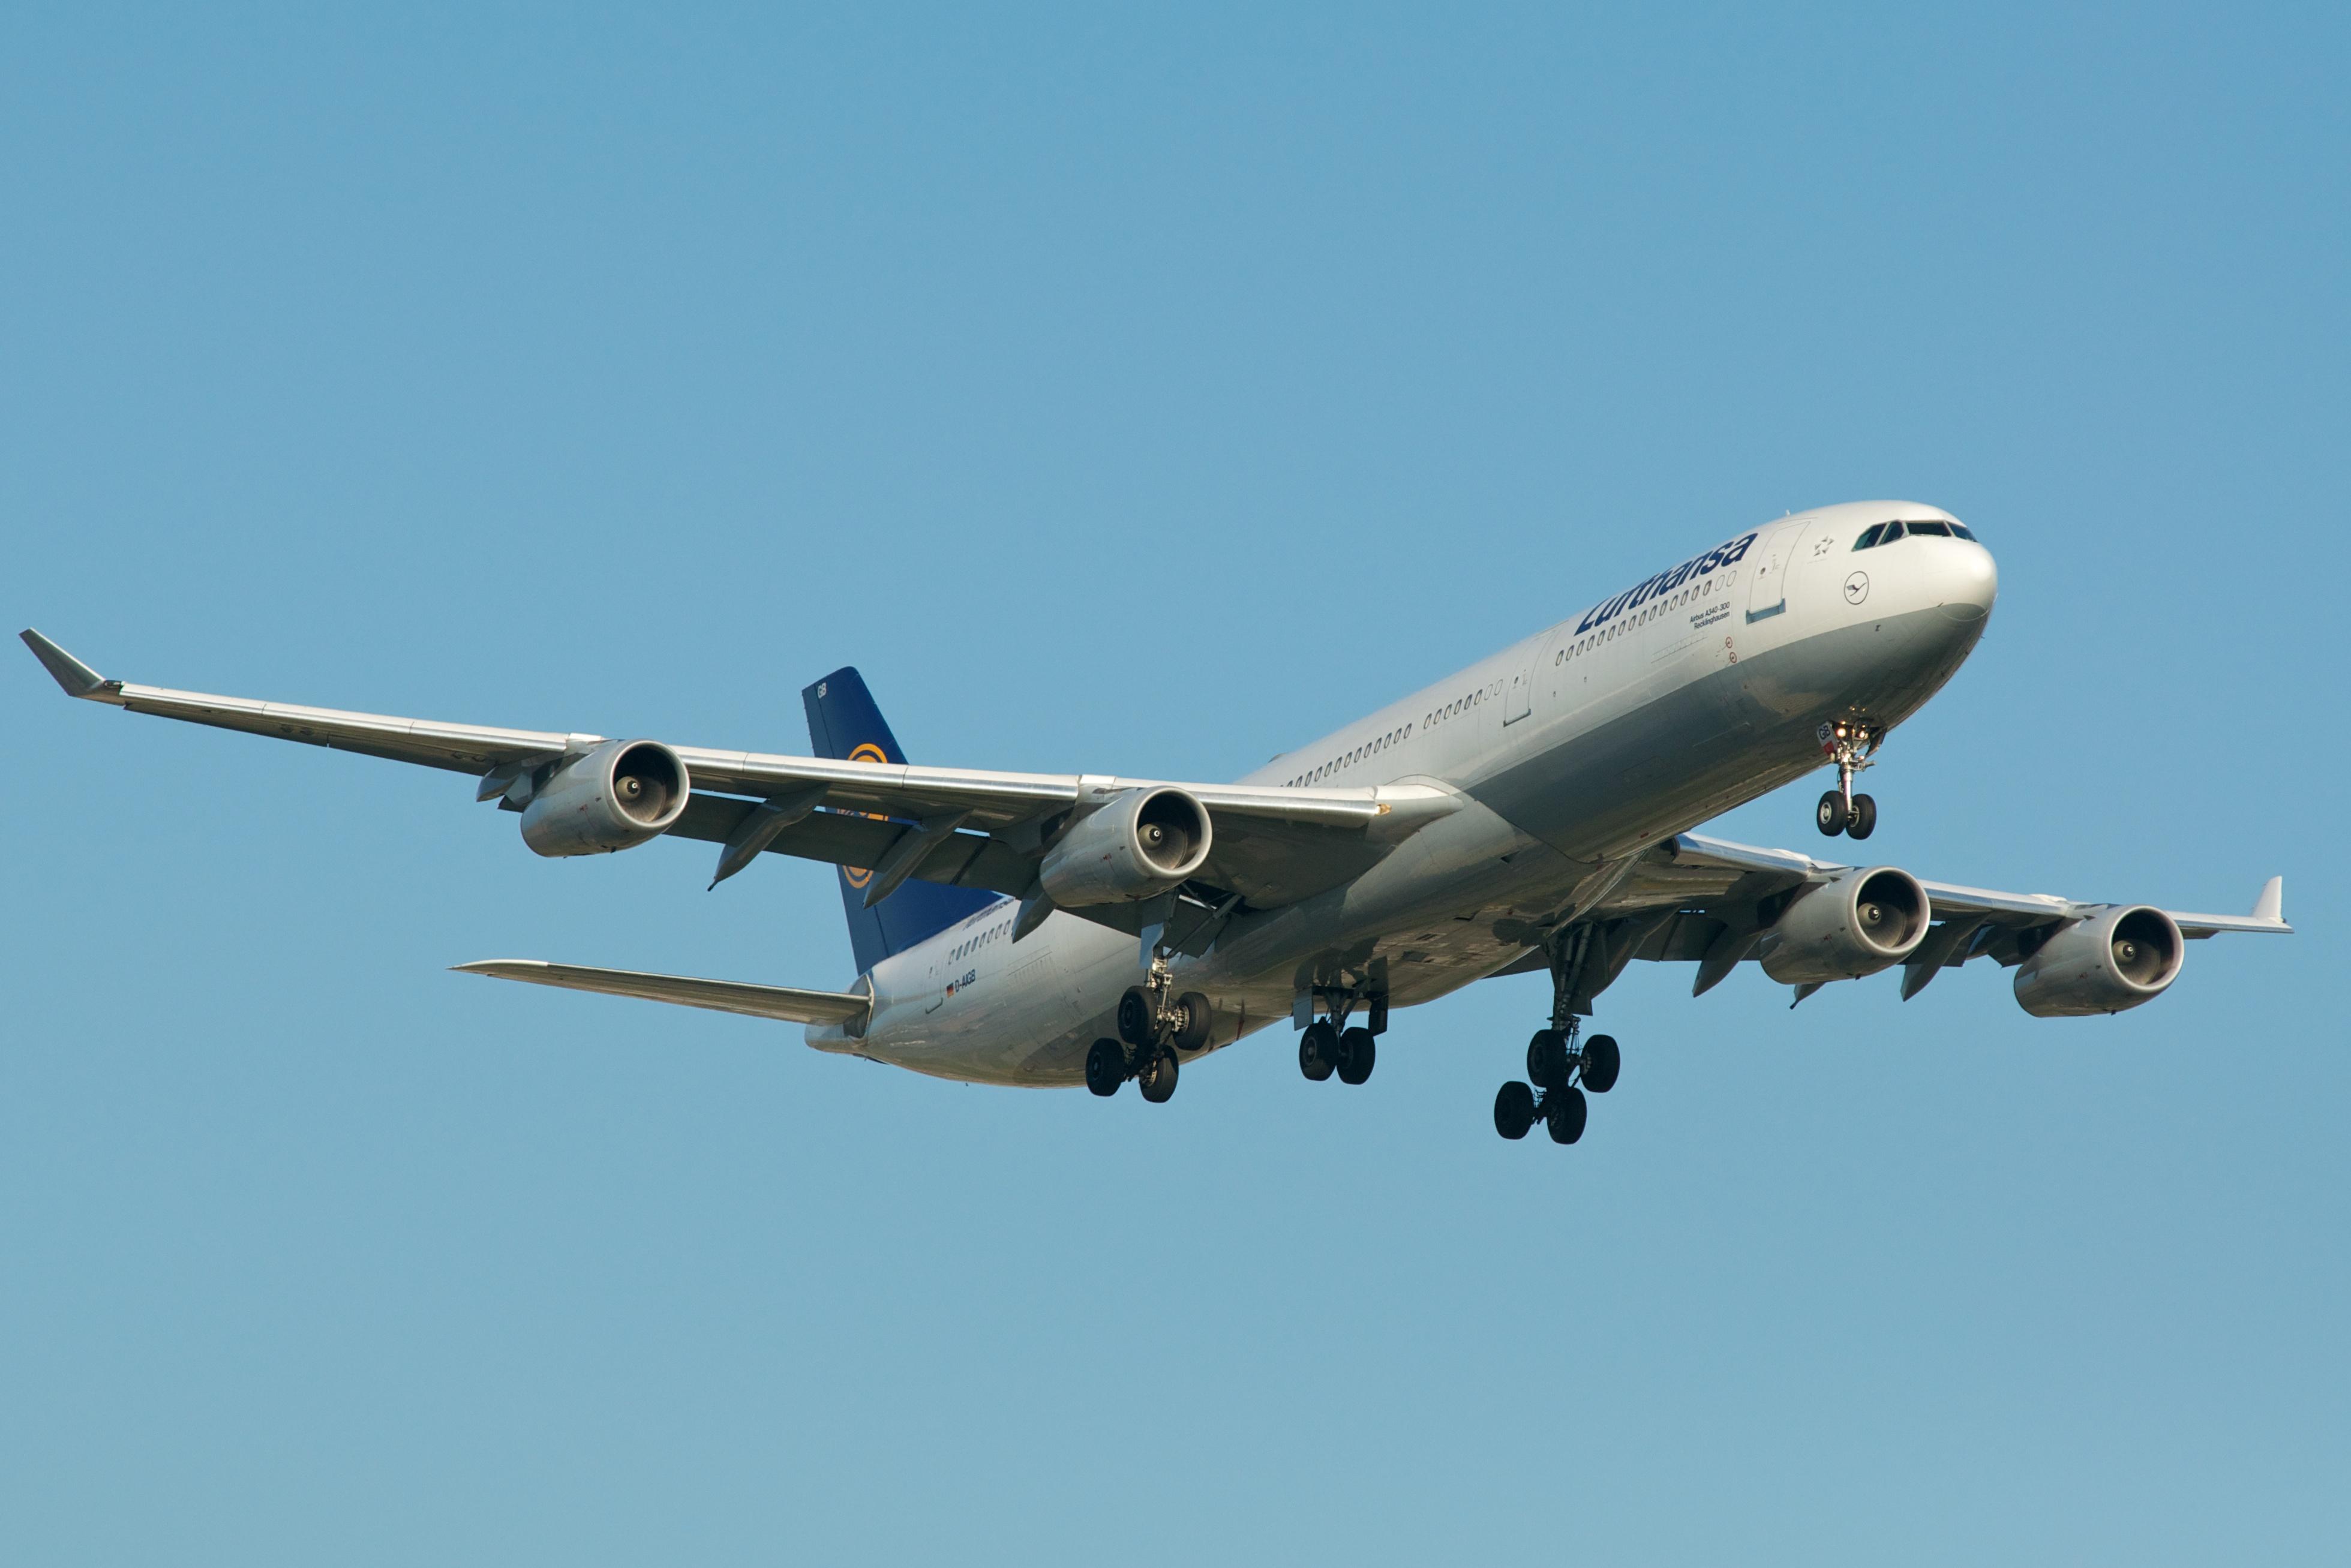 LufthansaA340-300